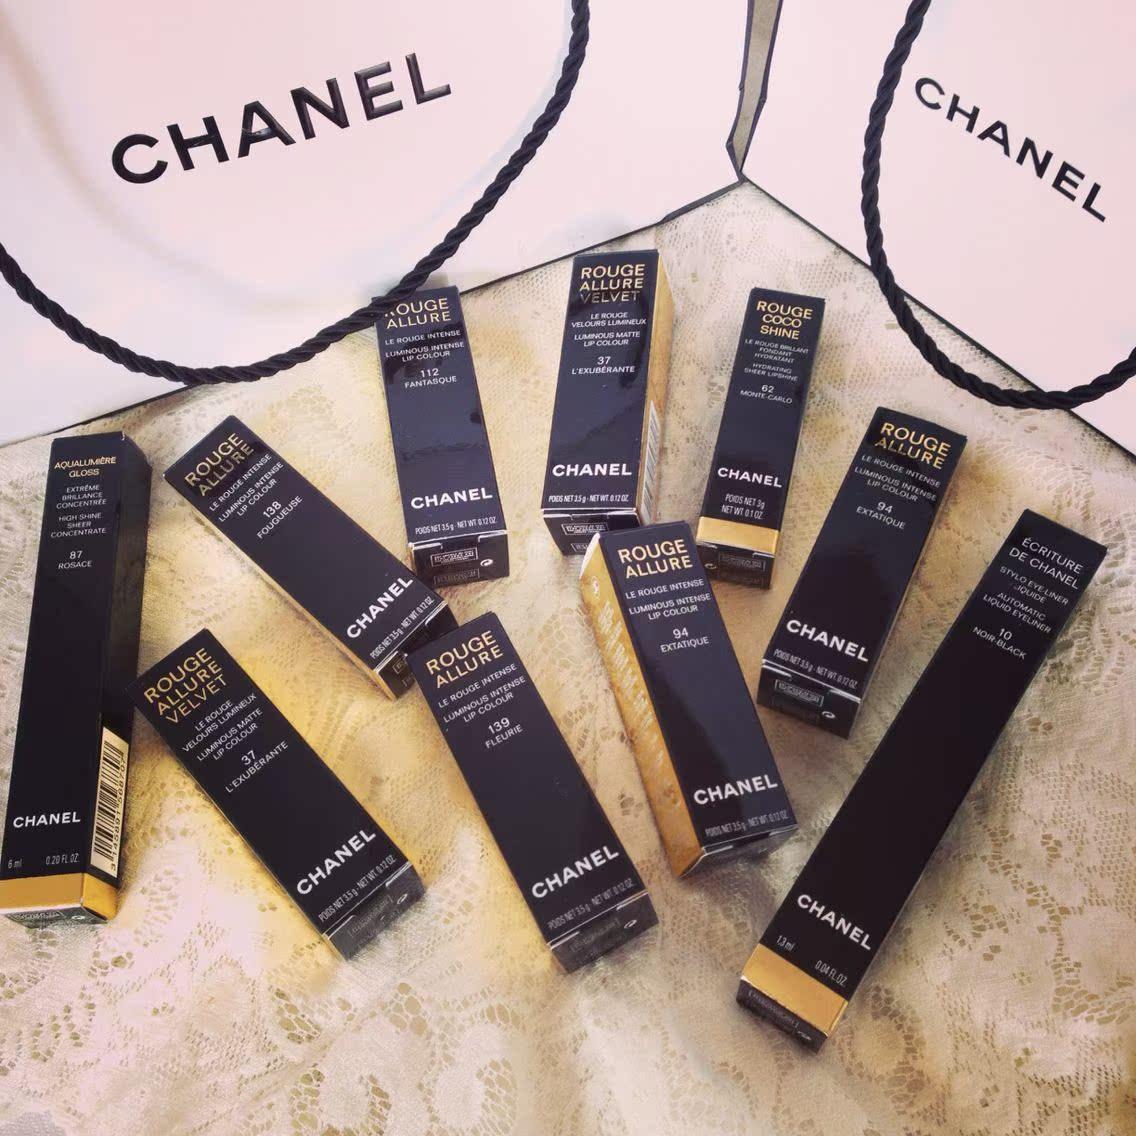 Chanel  37 42 43 44 94 136 138 139